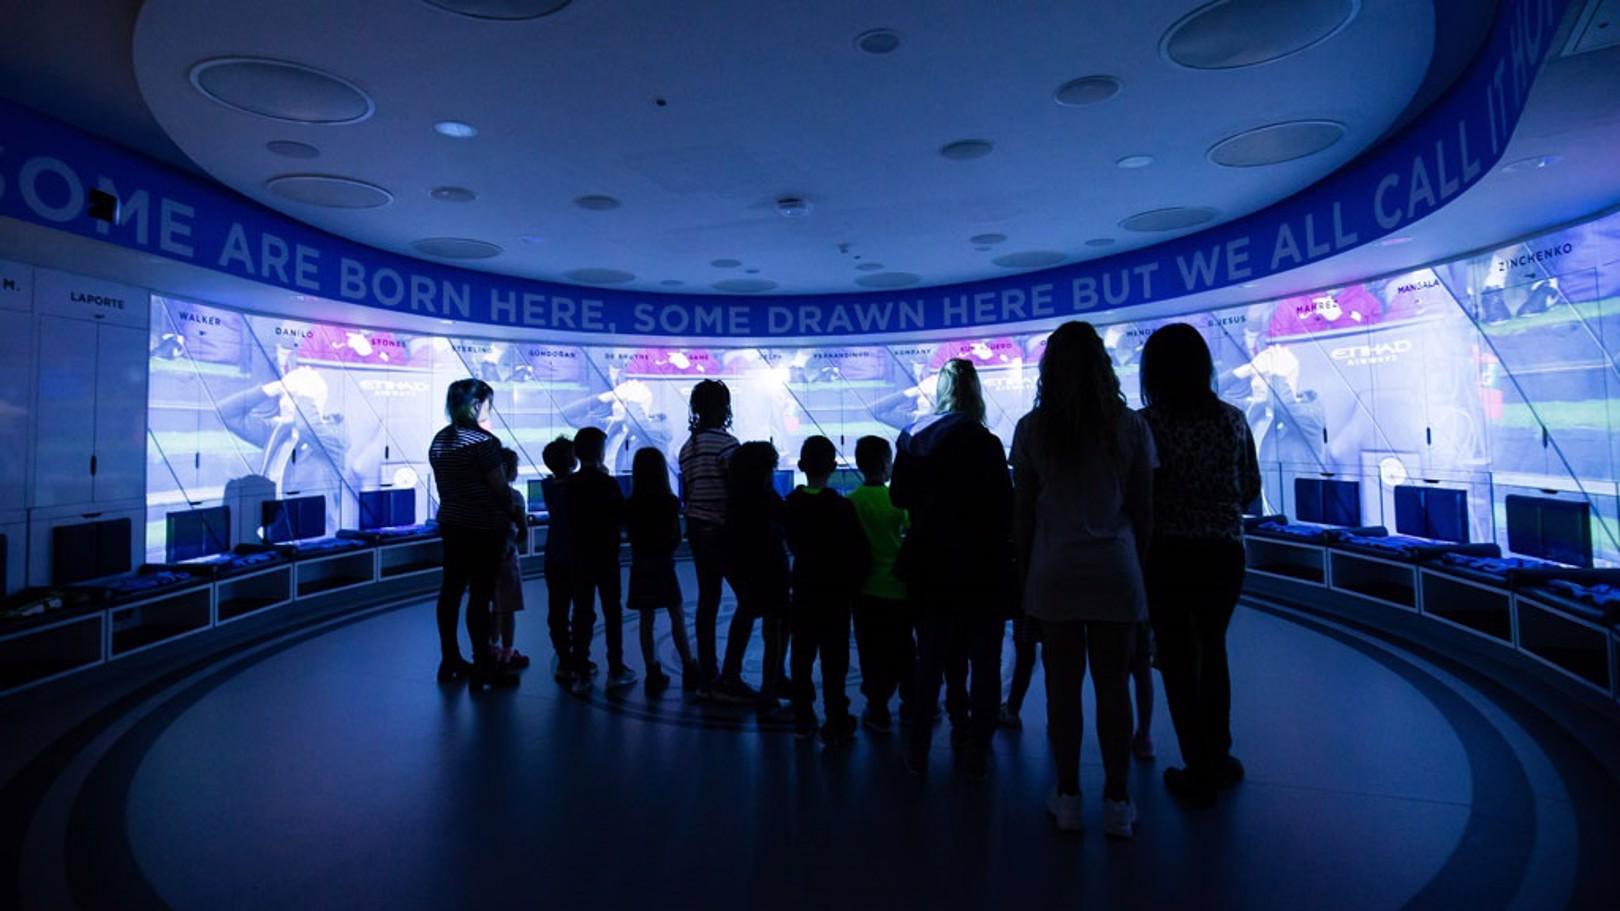 Novo tour no estádio comemora 125 anos de Clube